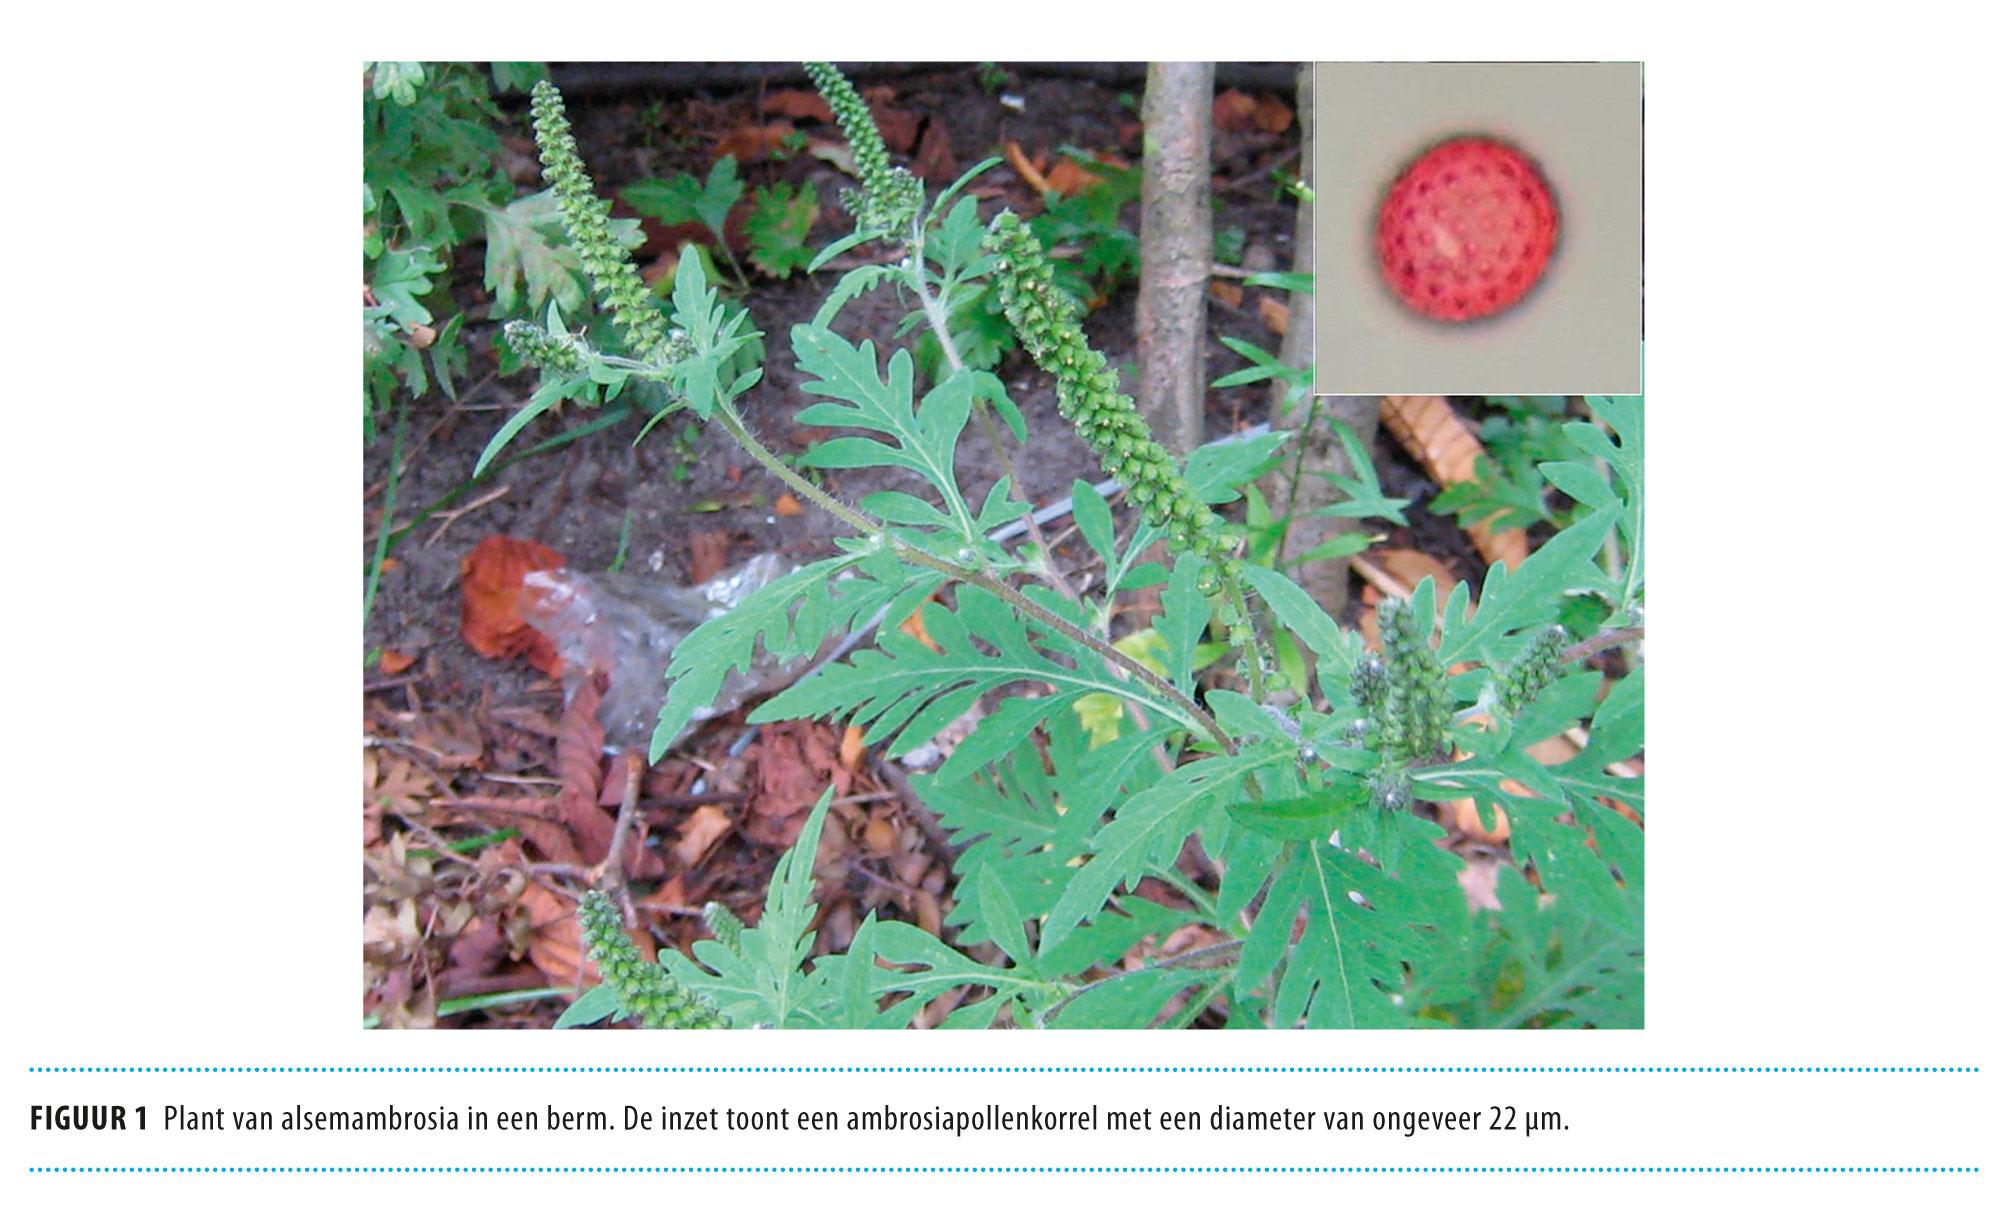 Allergie Planten Huid : Ambrosia in nederland nederlands tijdschrift voor geneeskunde